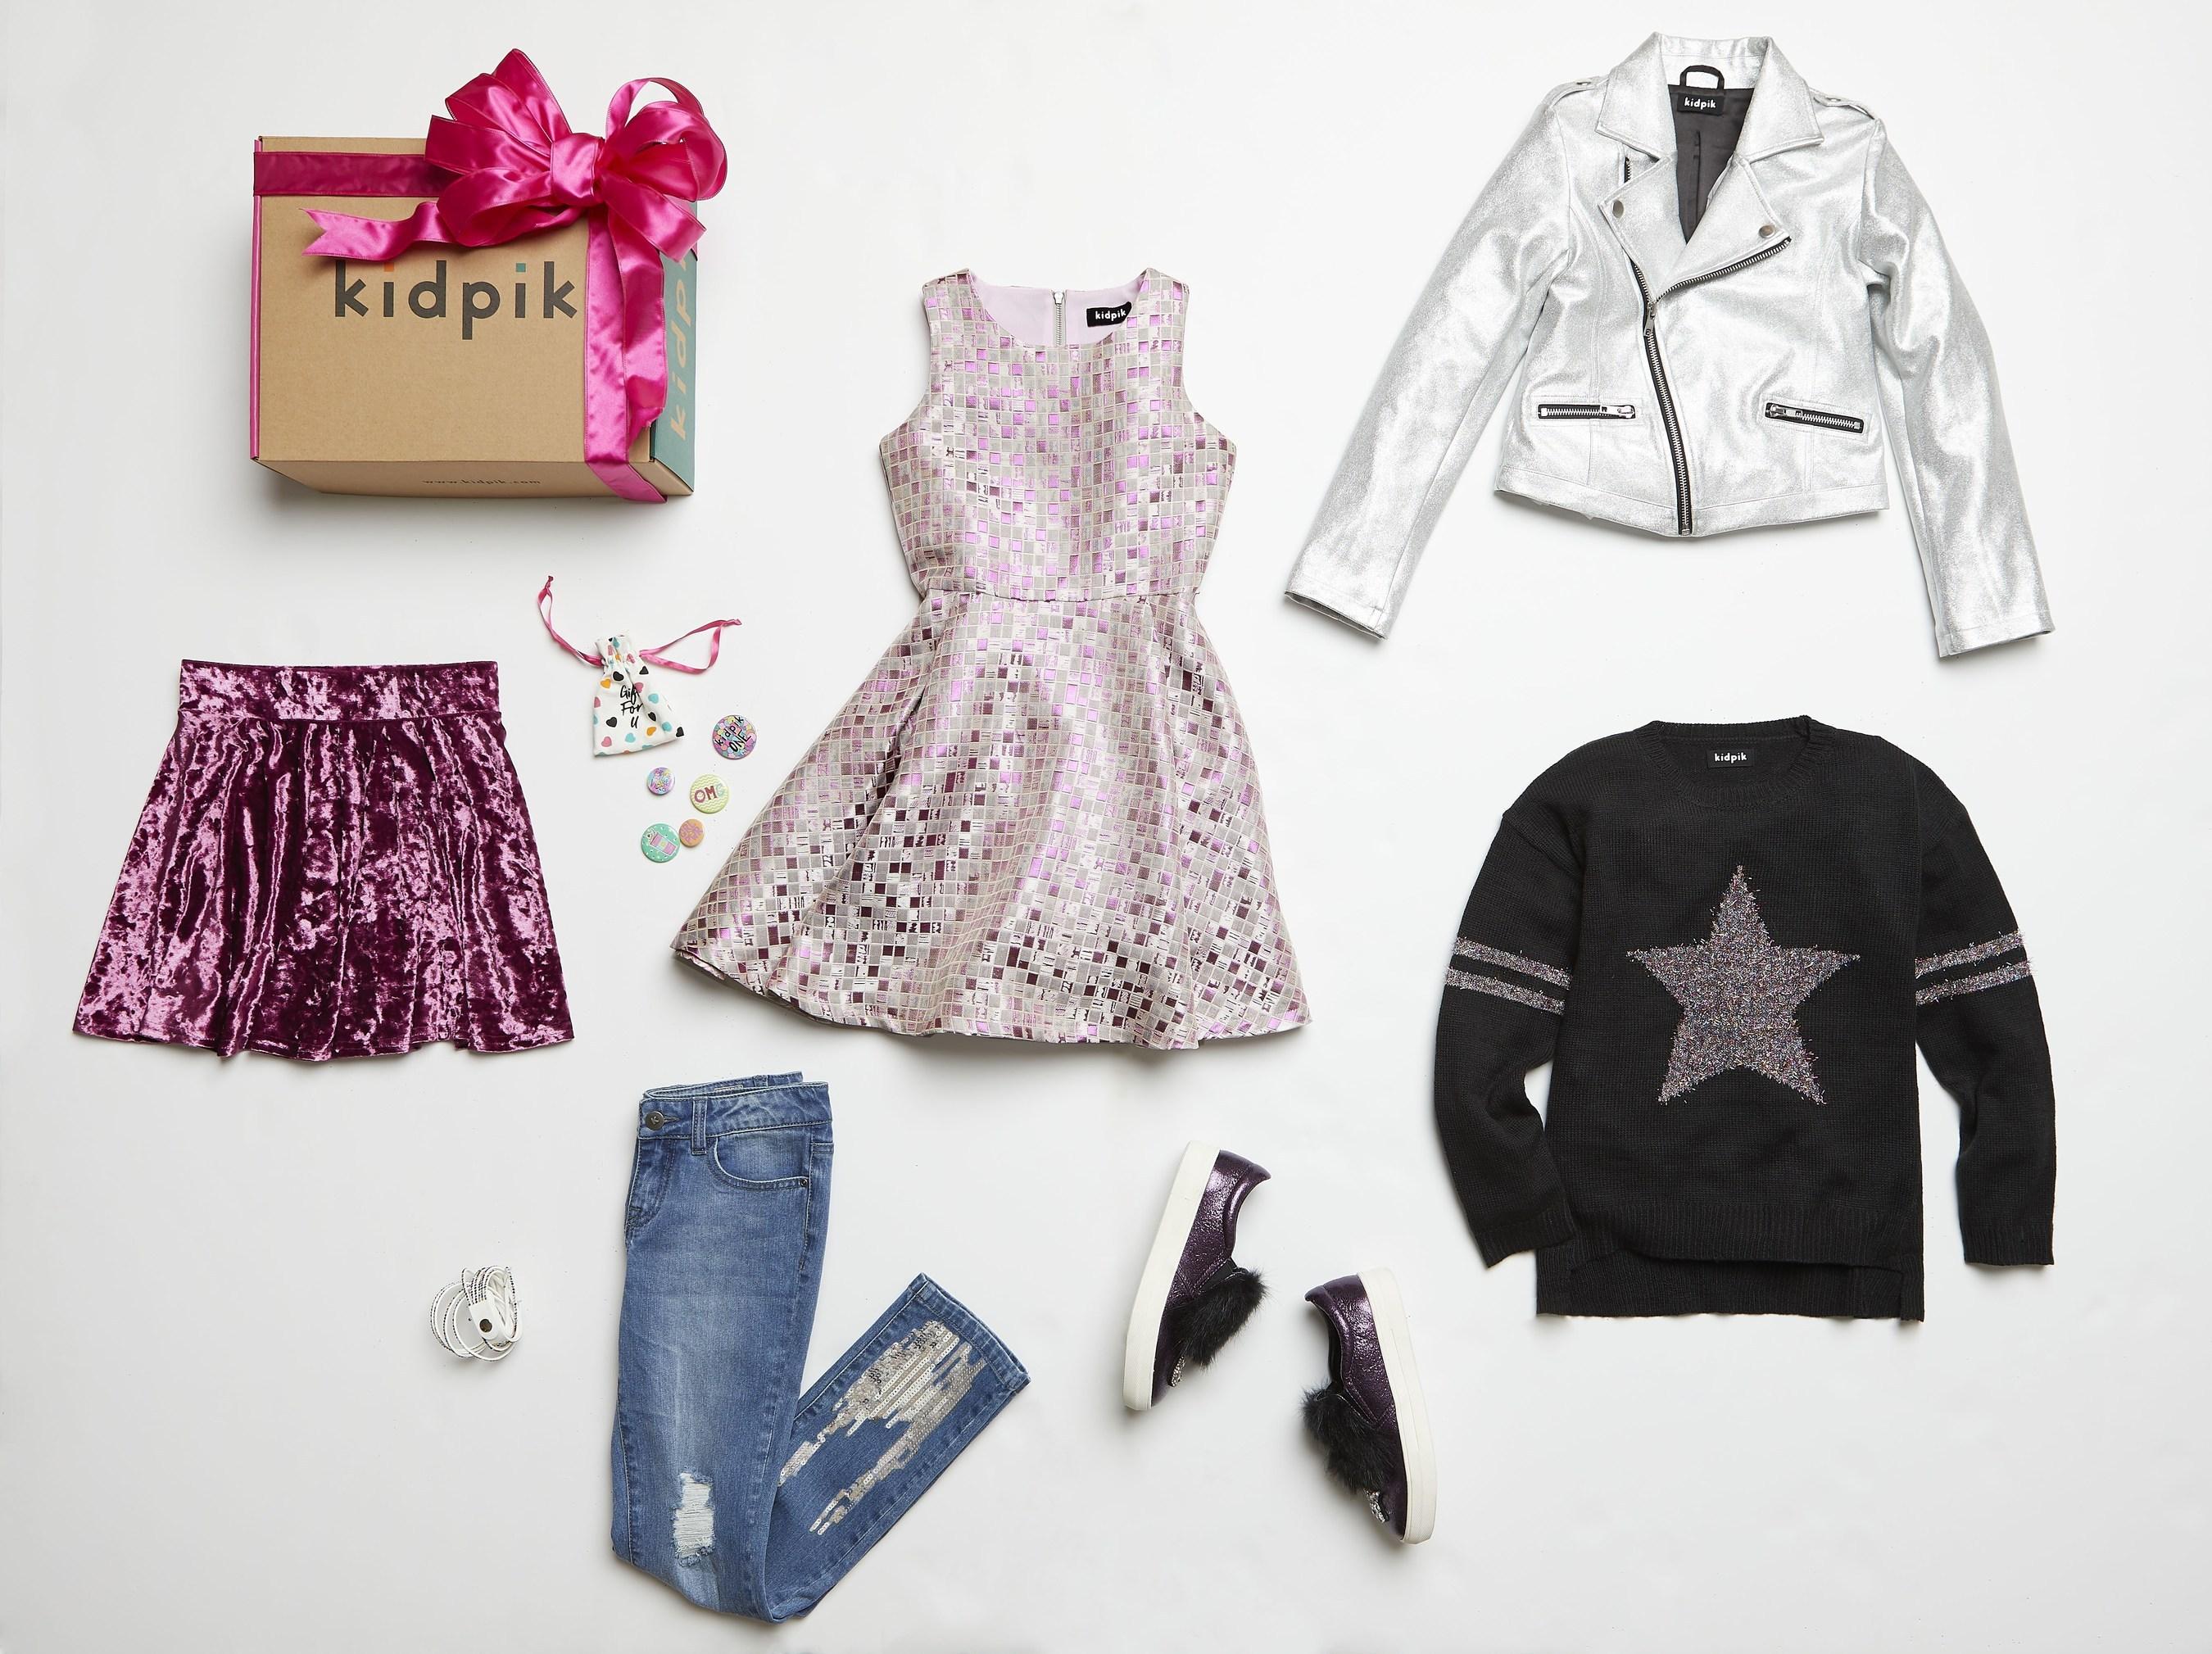 Kidpik-holiday-laydown-Trendy